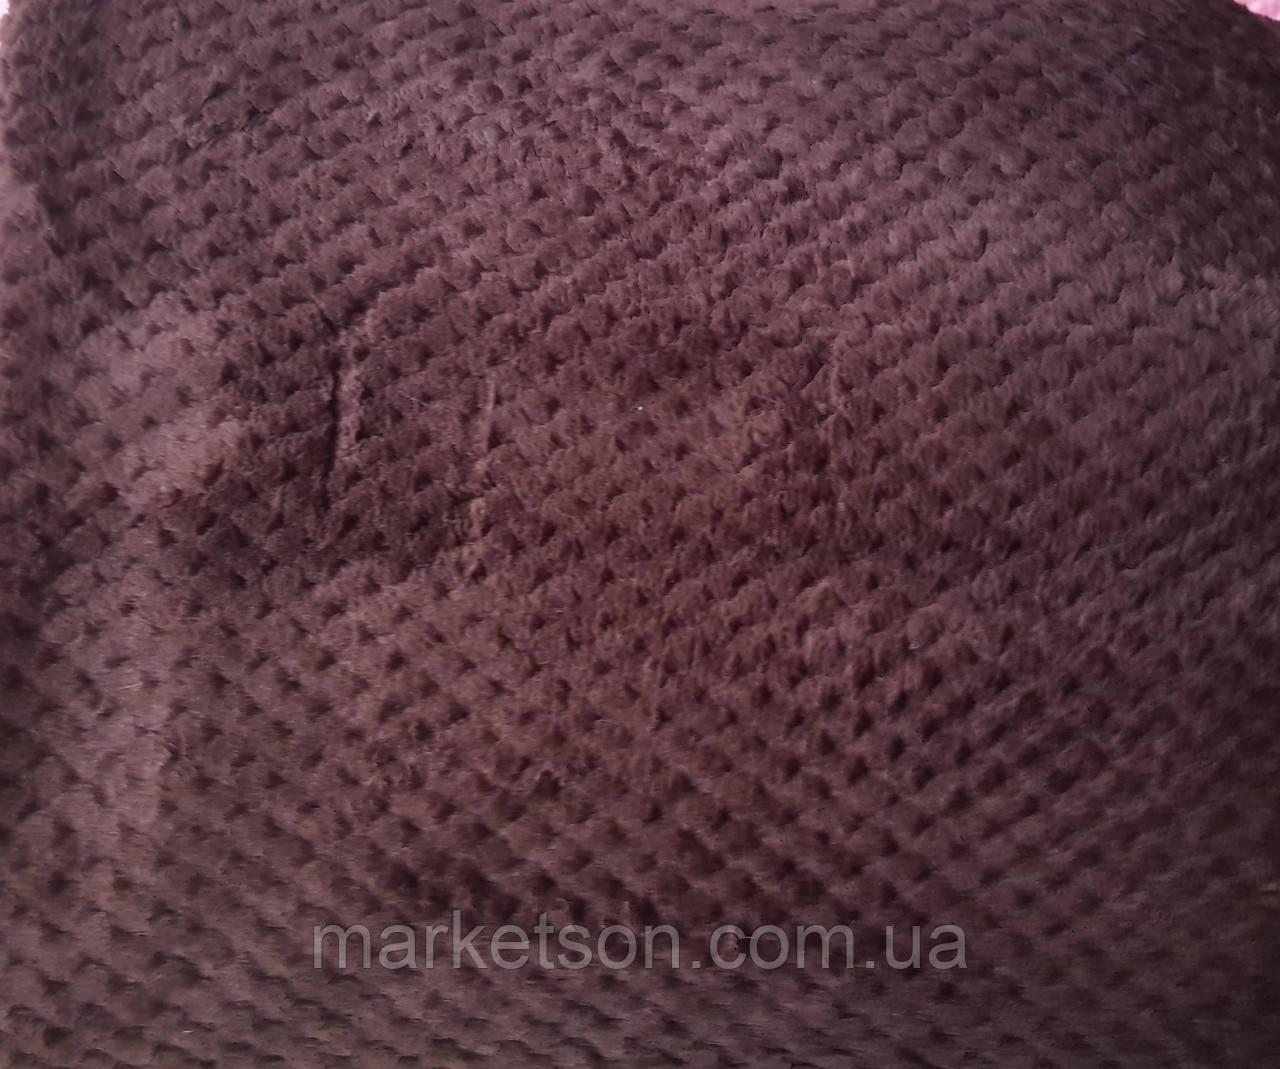 Простынь махровая из бамбука 200*230. Шоколад.